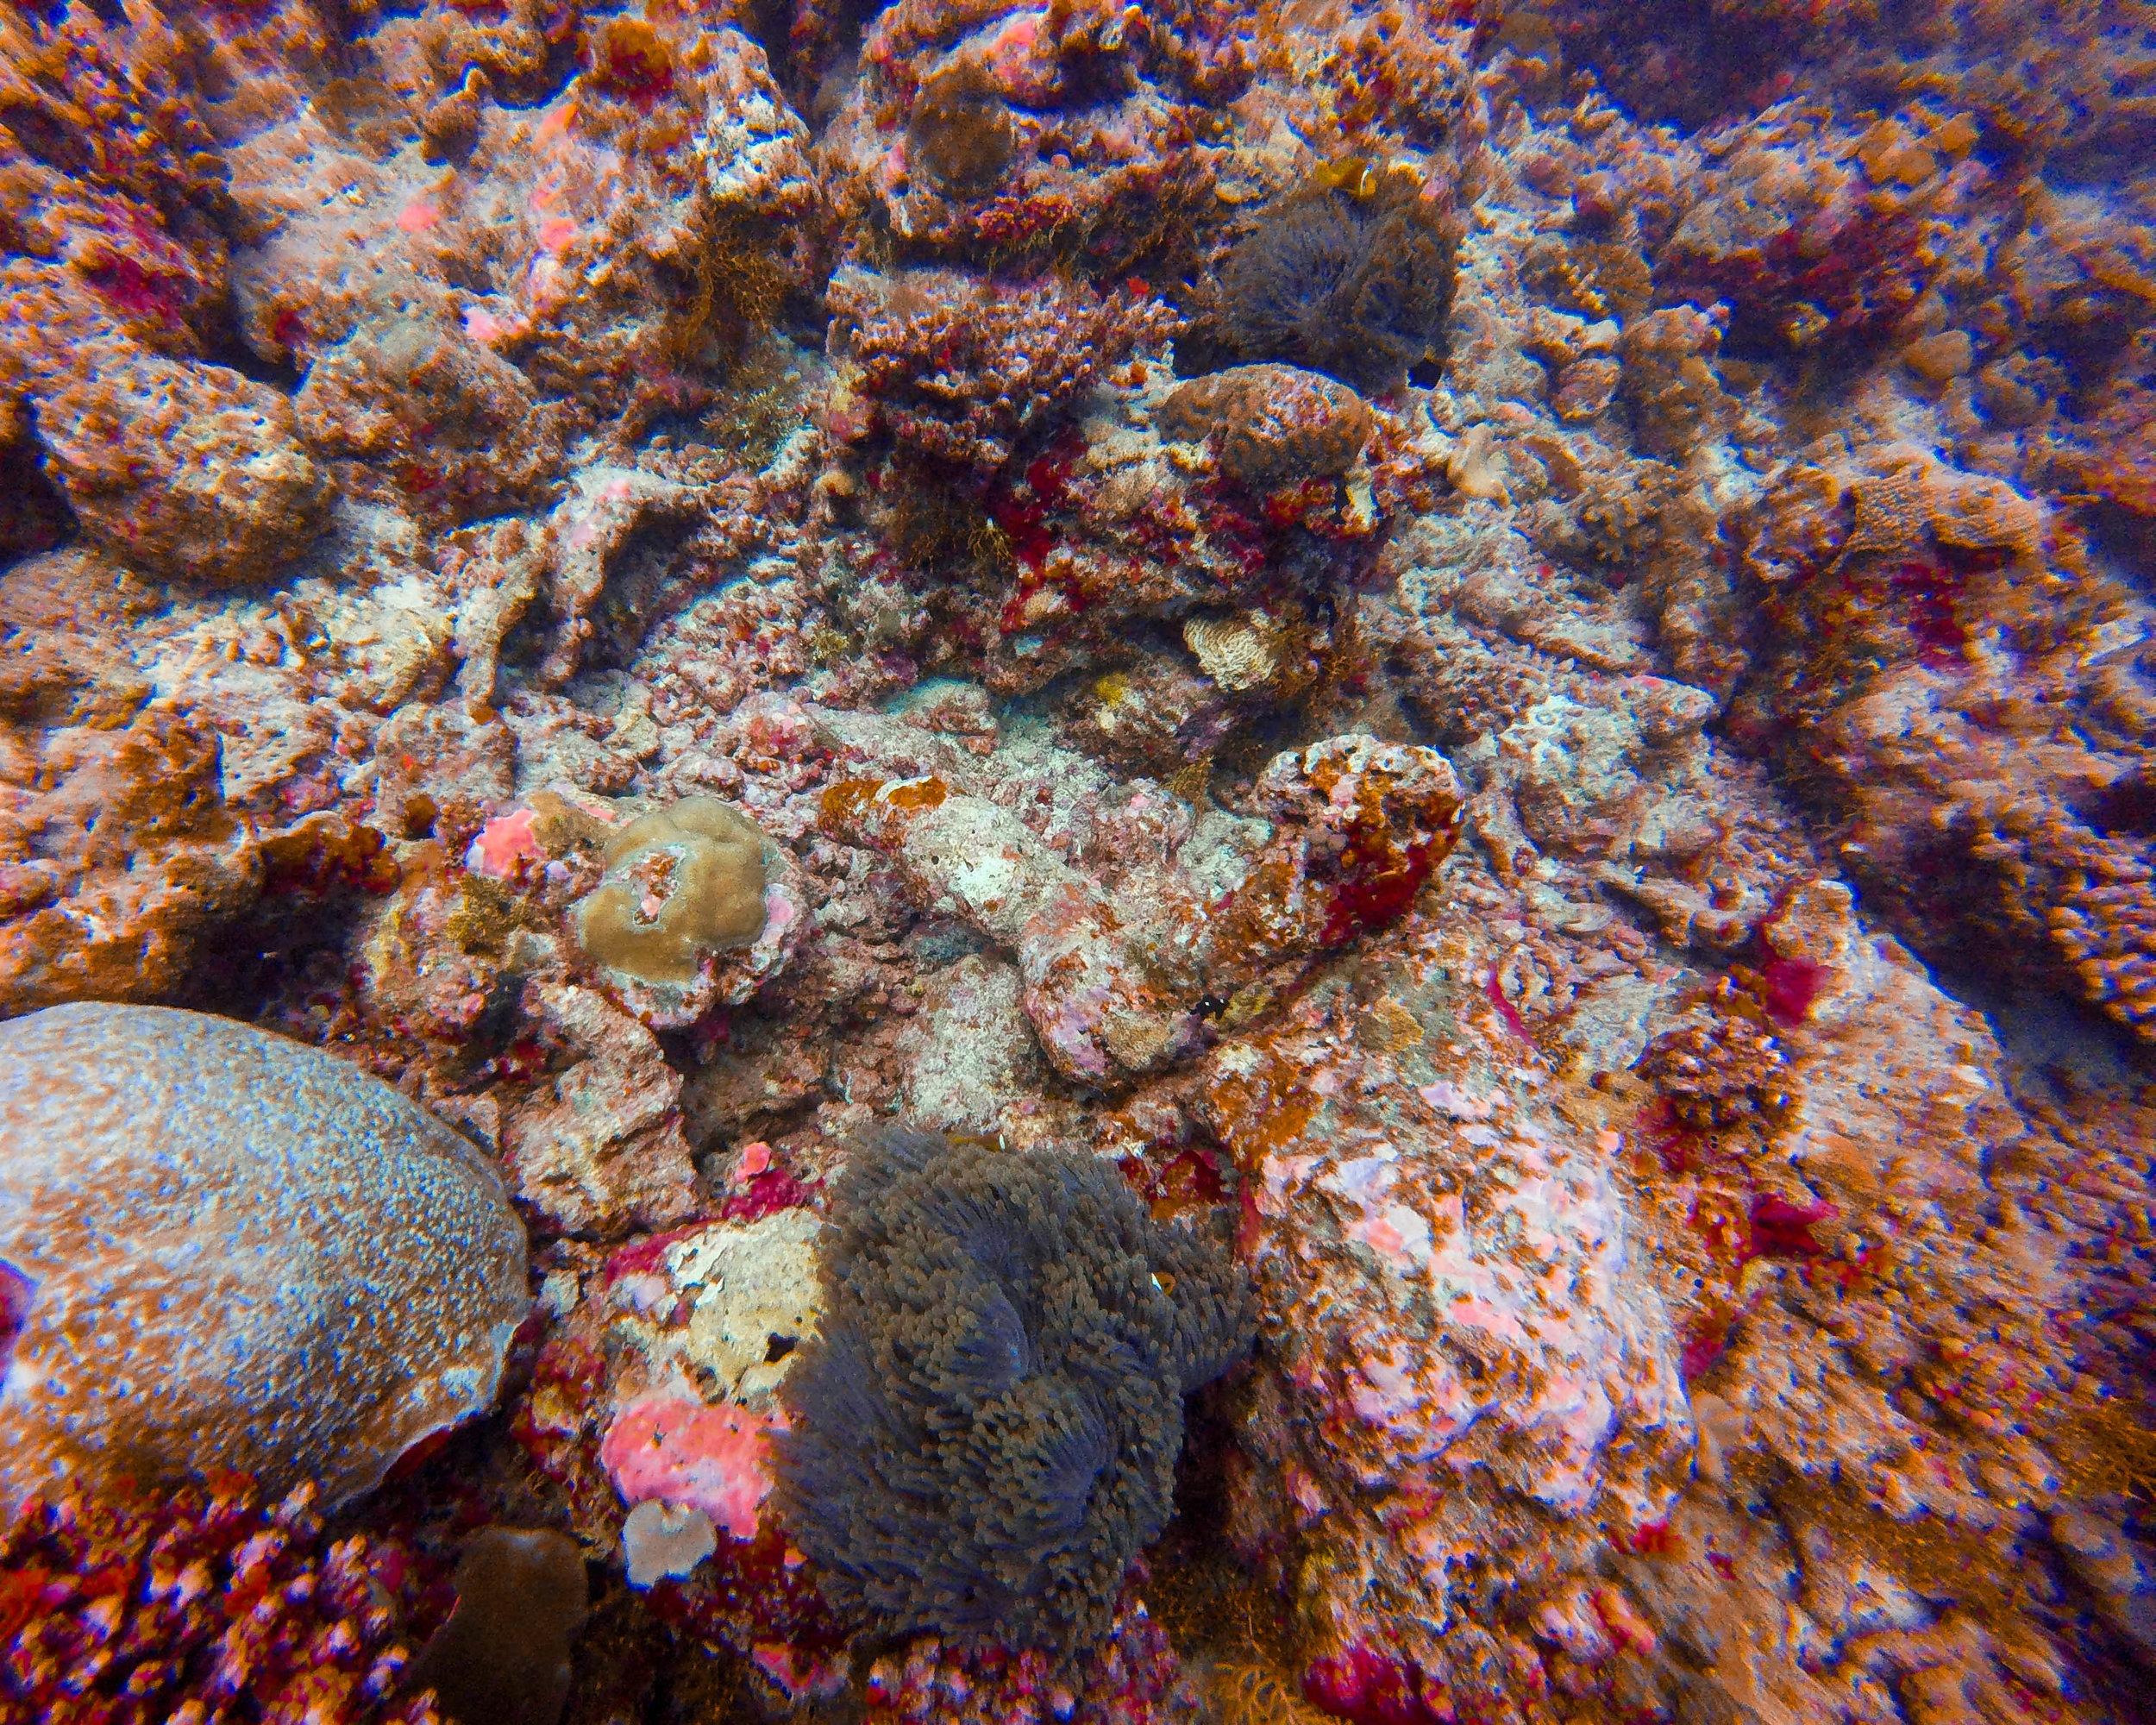 clownfish hiding in sea anemone.